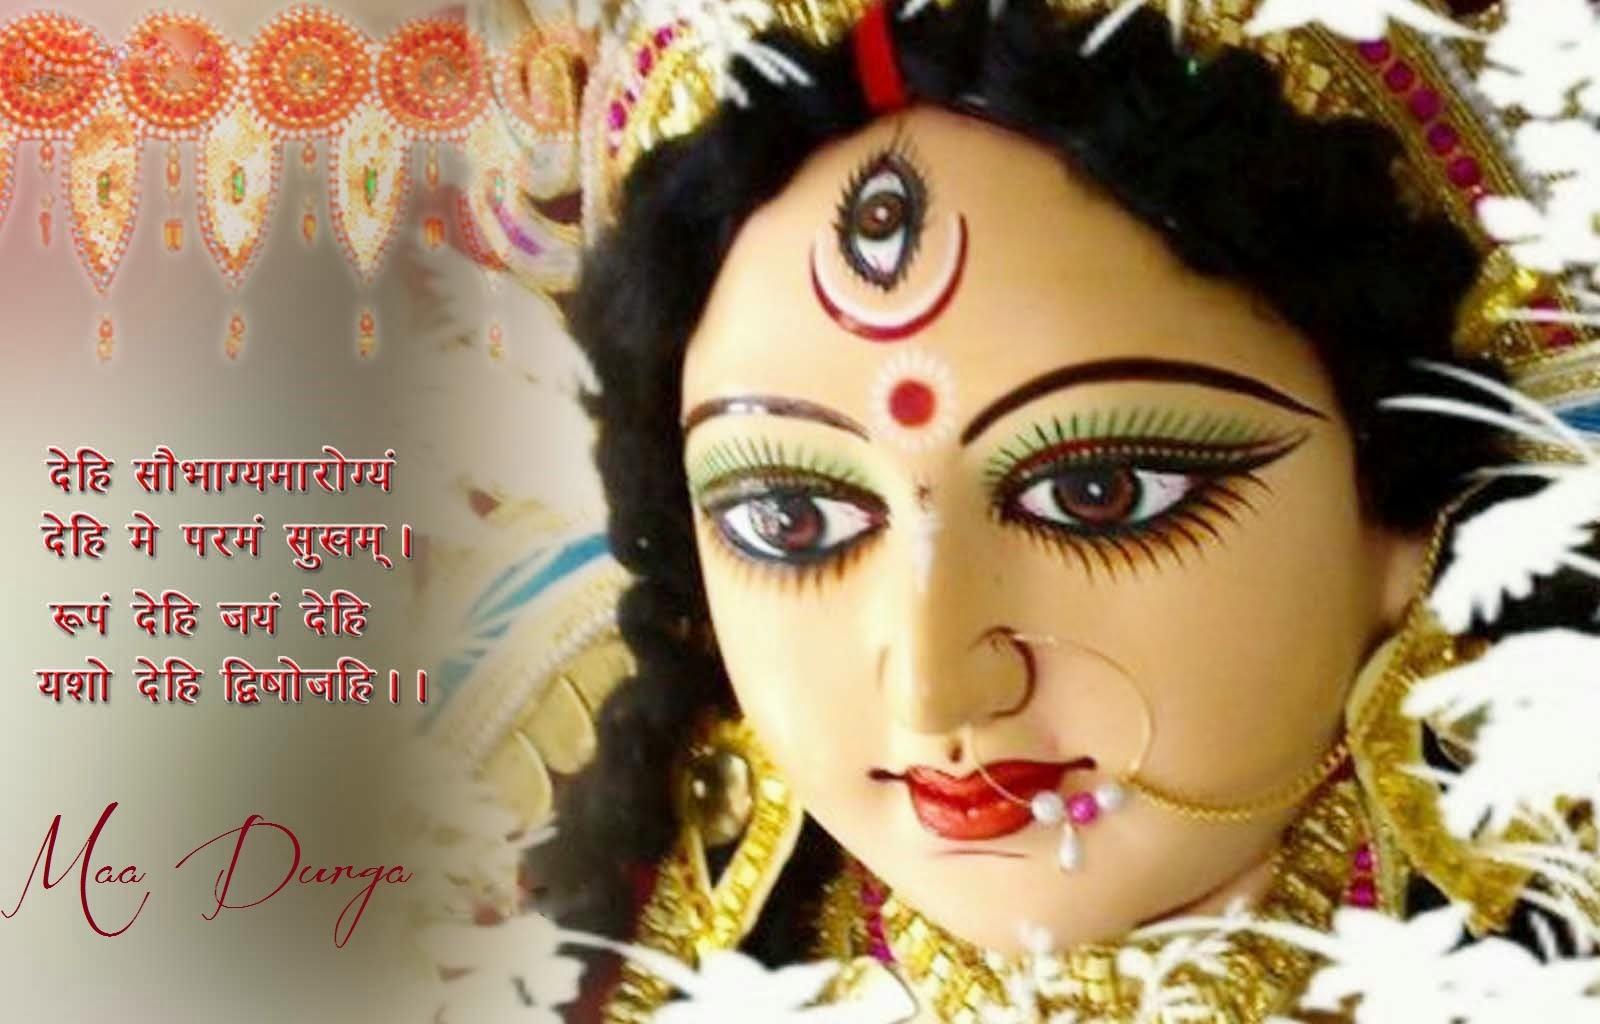 Happy Navratri 4823506 Kuch Toh Log Kehenge Forum